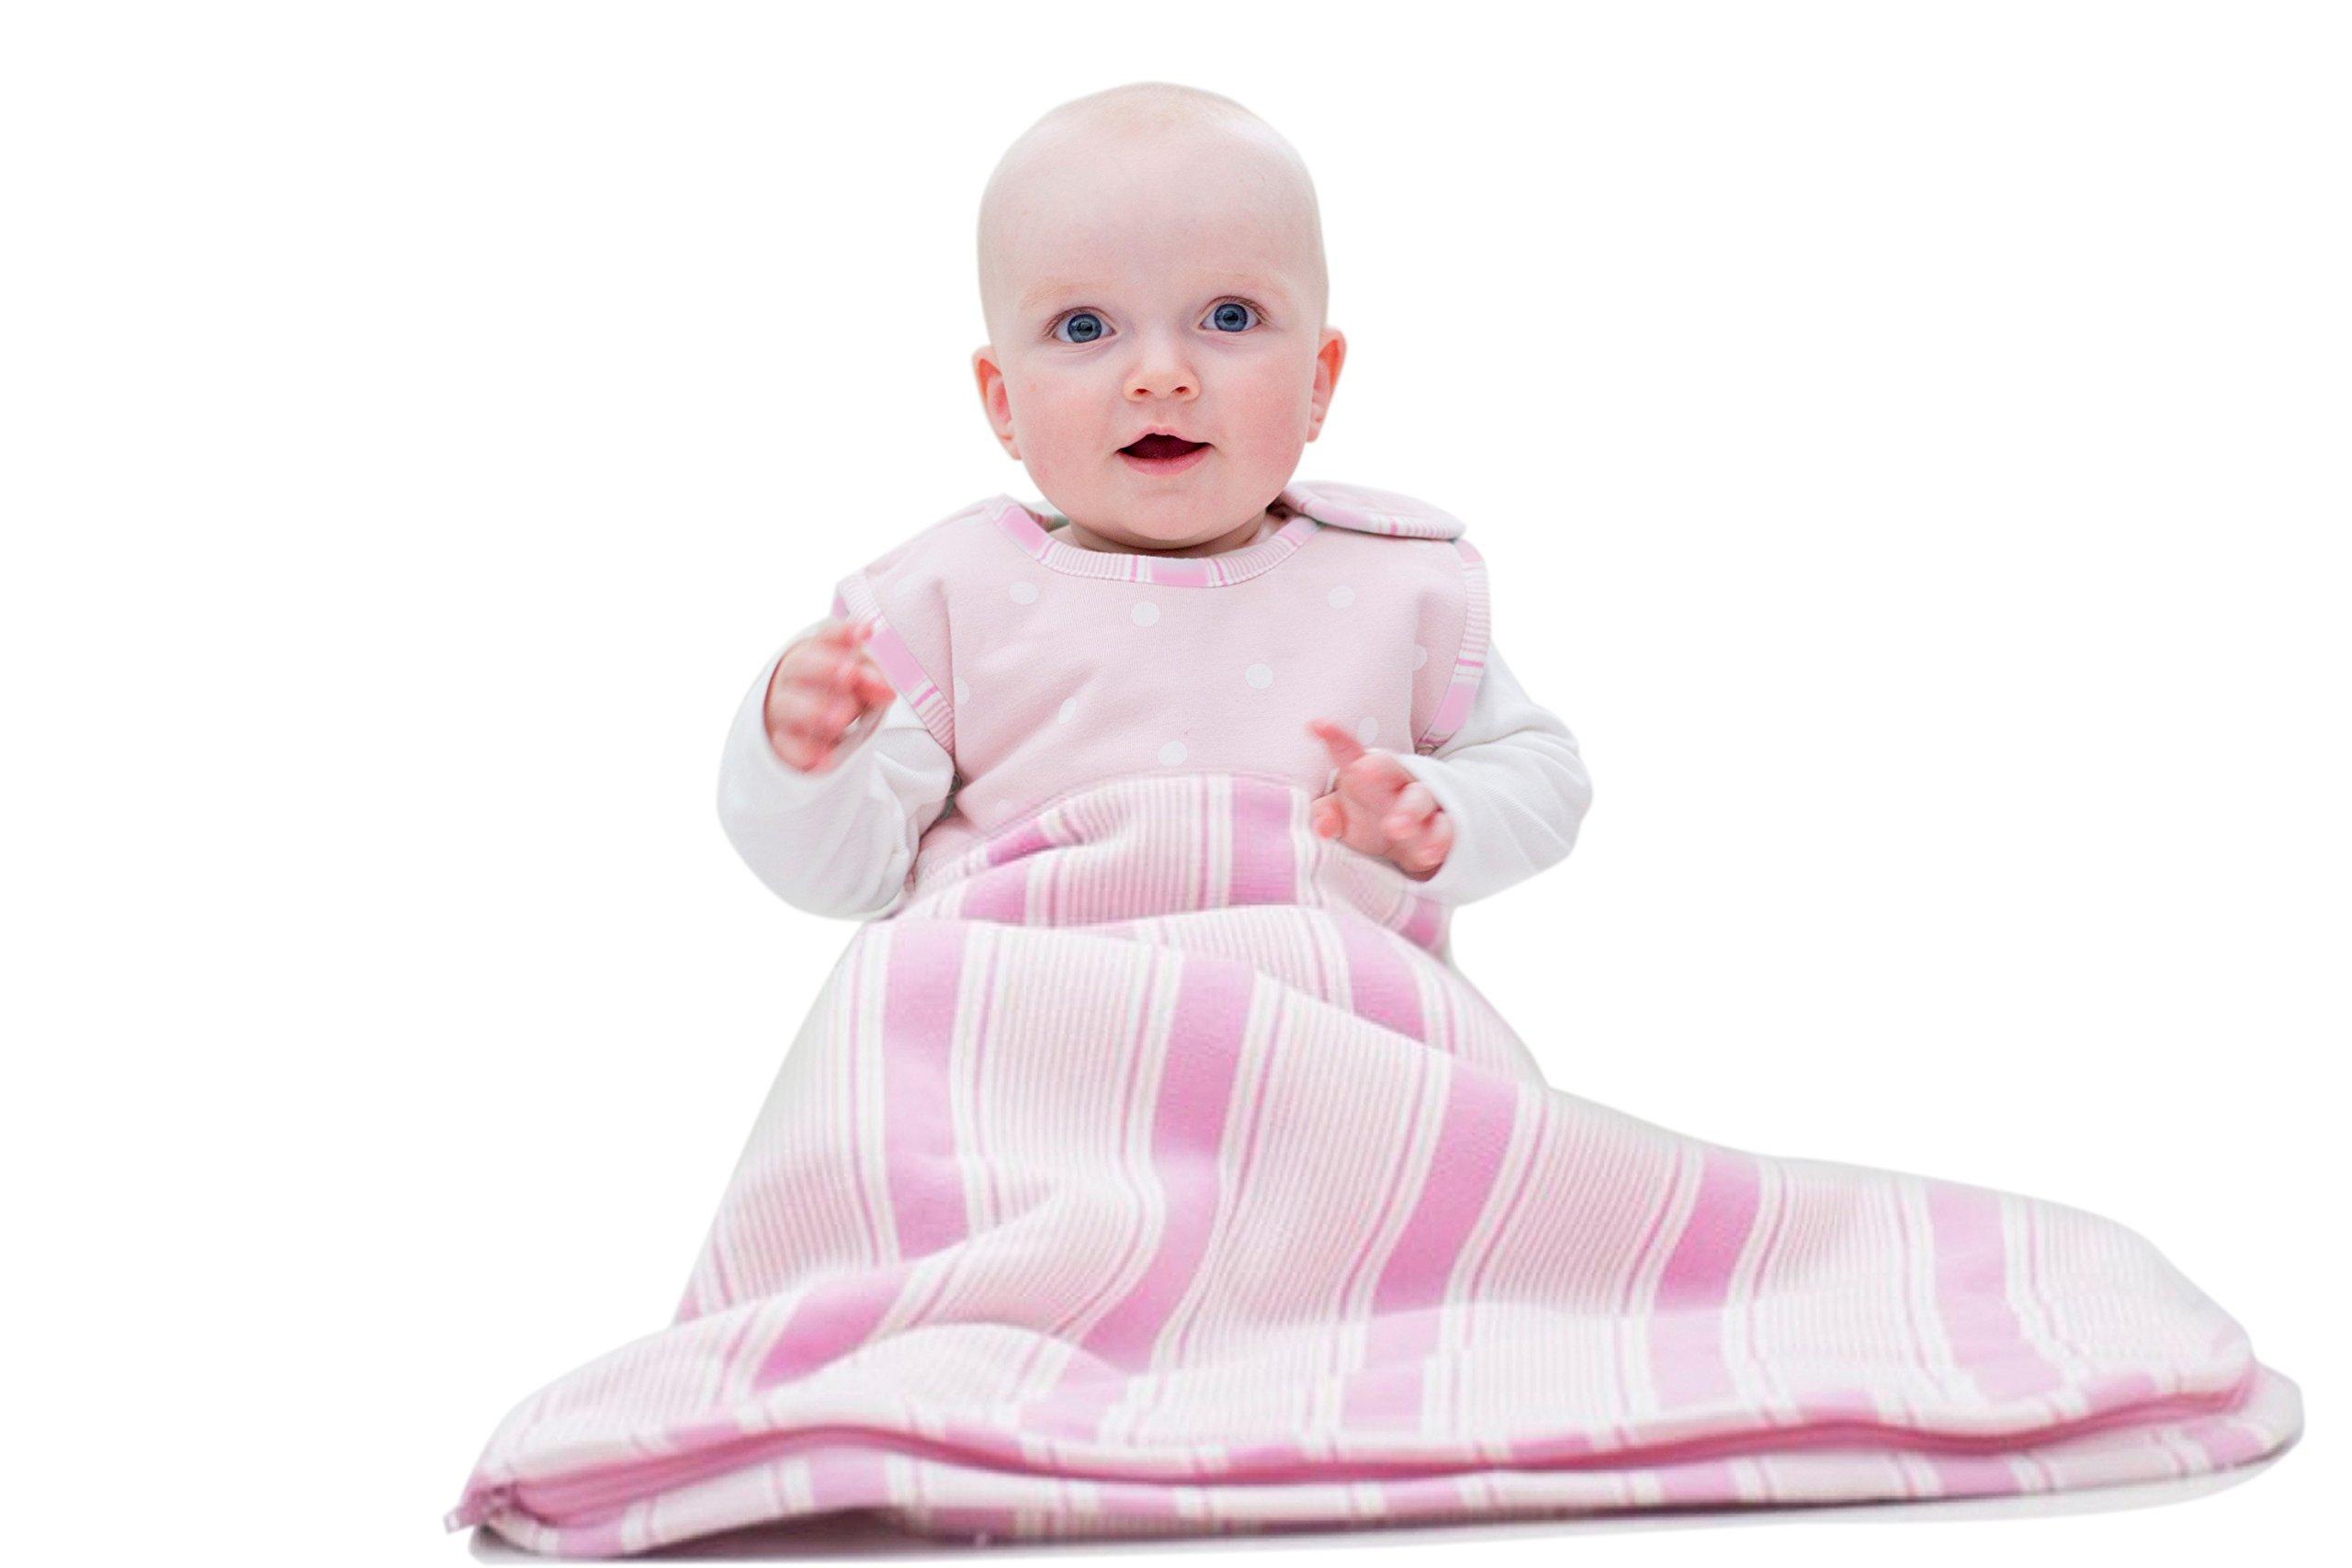 Merino Kids Winter Sherpa-Weight Baby Sleep Bag For Toddlers 2-4 Years, Cherry Blossom